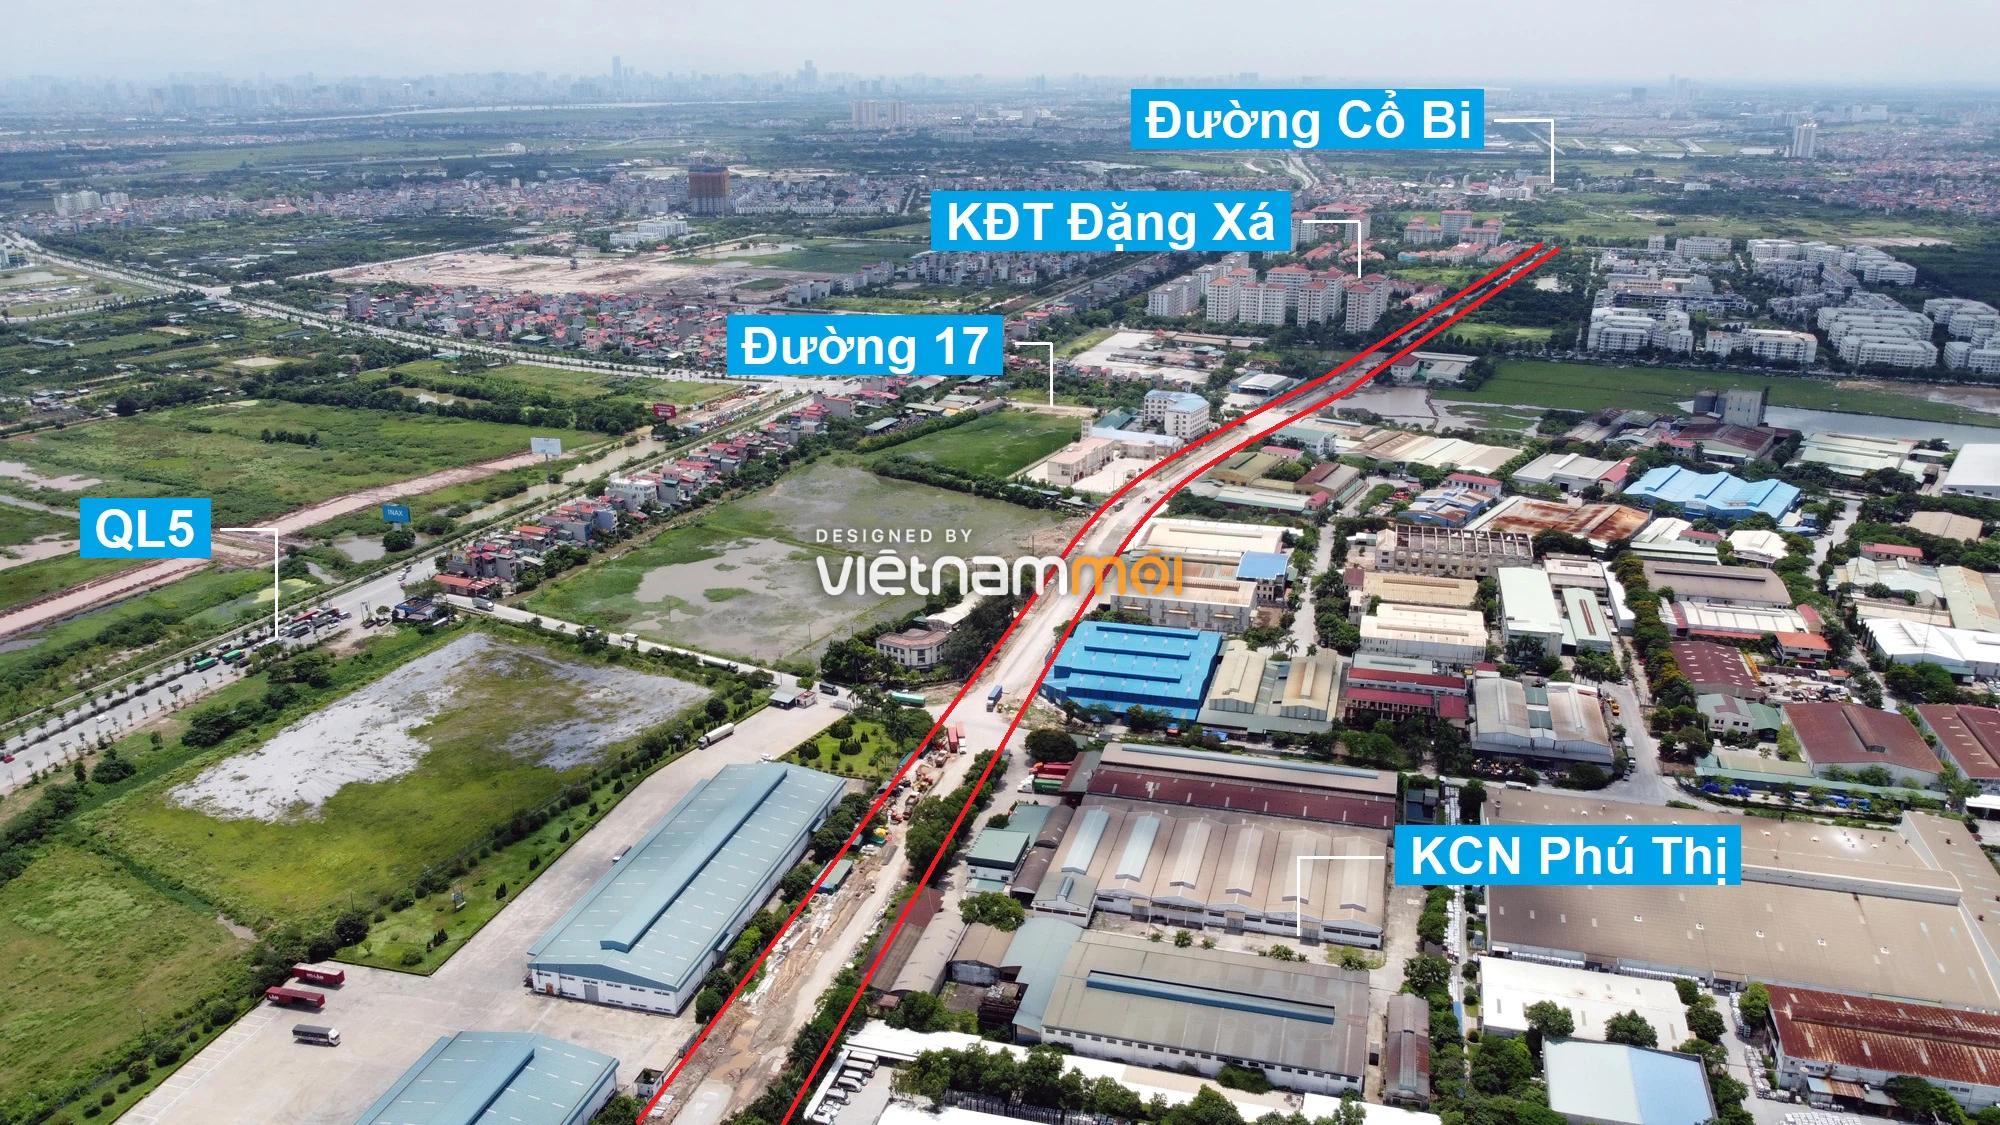 Toàn cảnh tuyến đường từ KĐT Đặng Xá đến chân cầu vượt Phú Thị đang mở theo quy hoạch ở Hà Nội - Ảnh 11.